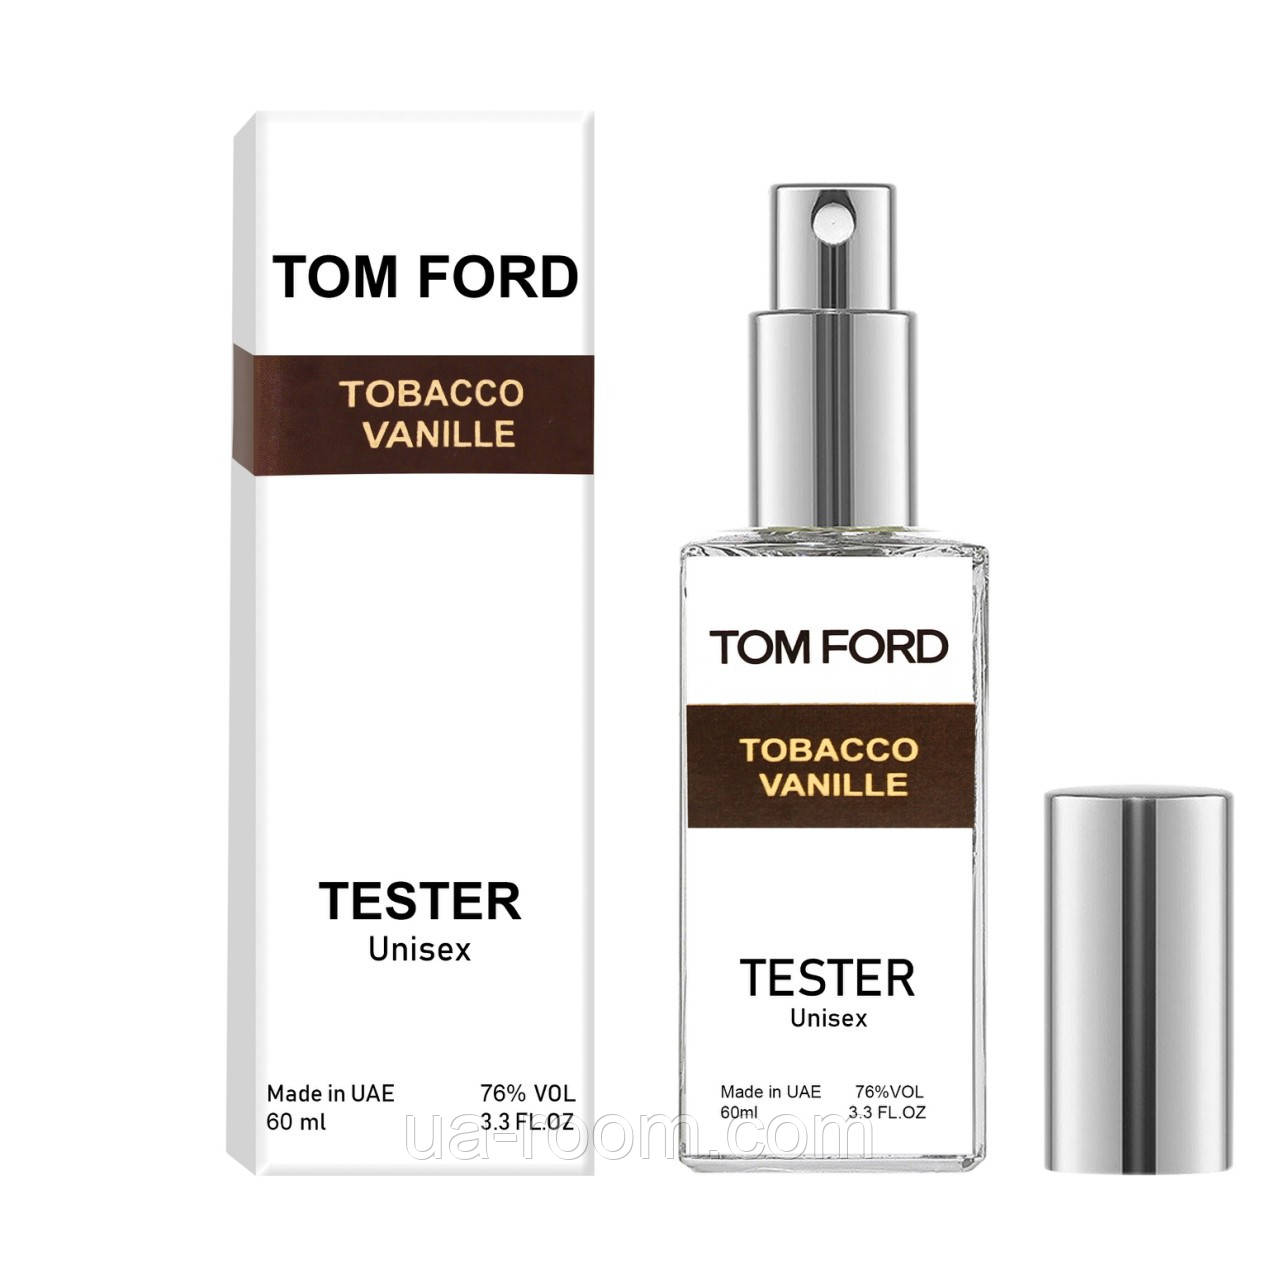 Тестер DUTYFREE  унисекс Tom Ford Tobacco Vanille, 60 мл.